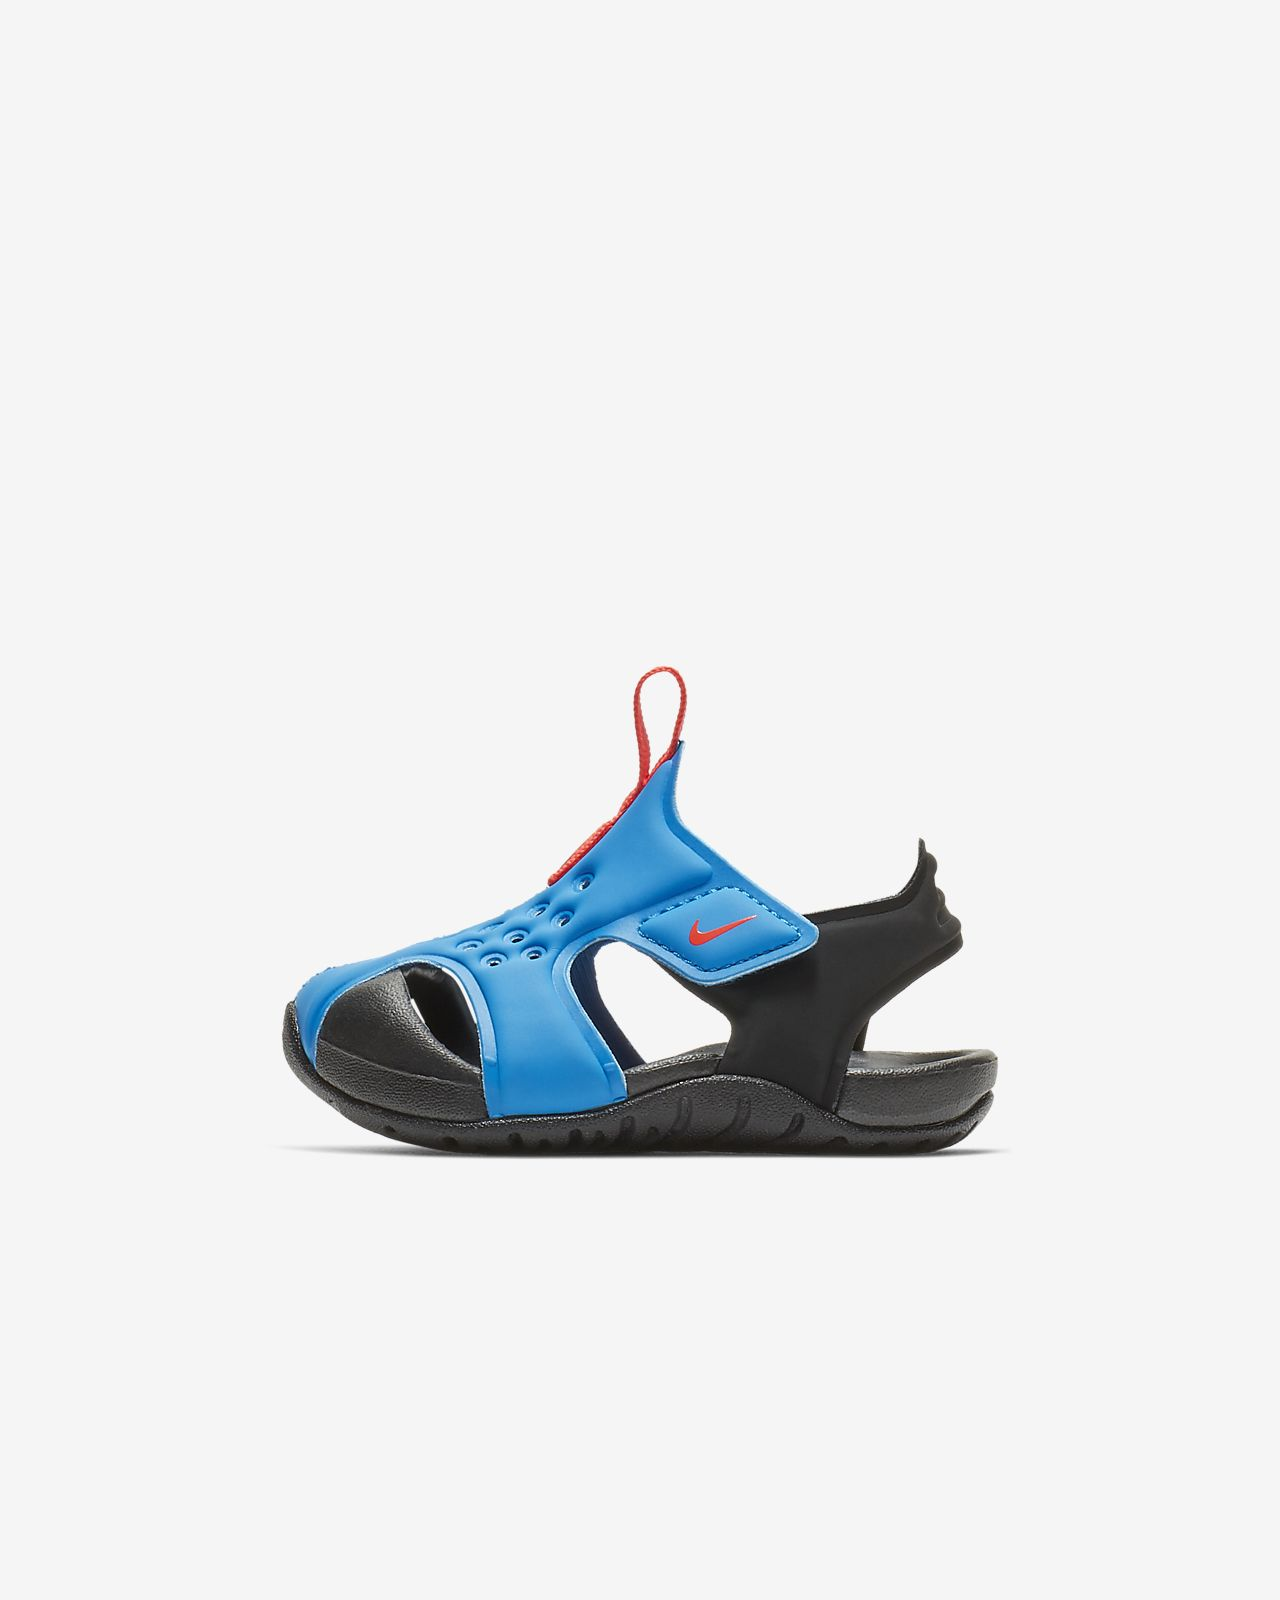 รองเท้าแตะทารก/เด็กวัยหัดเดิน Nike Sunray Protect 2